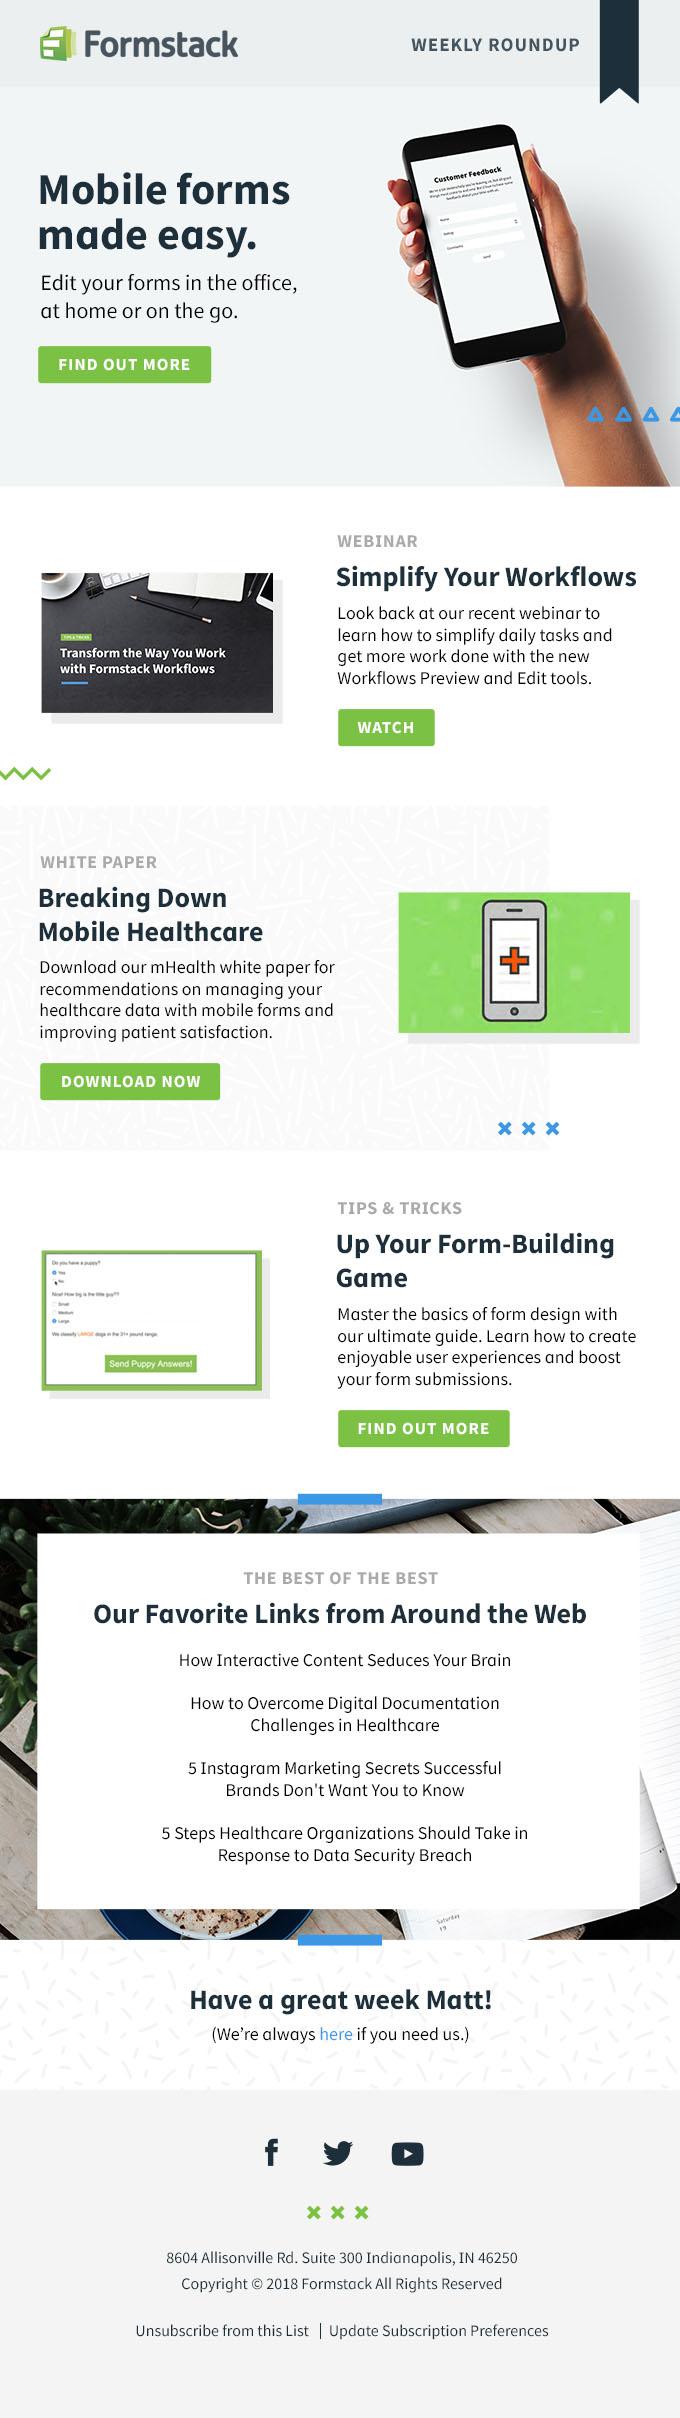 Email_Design_Newsletter_v2.jpg